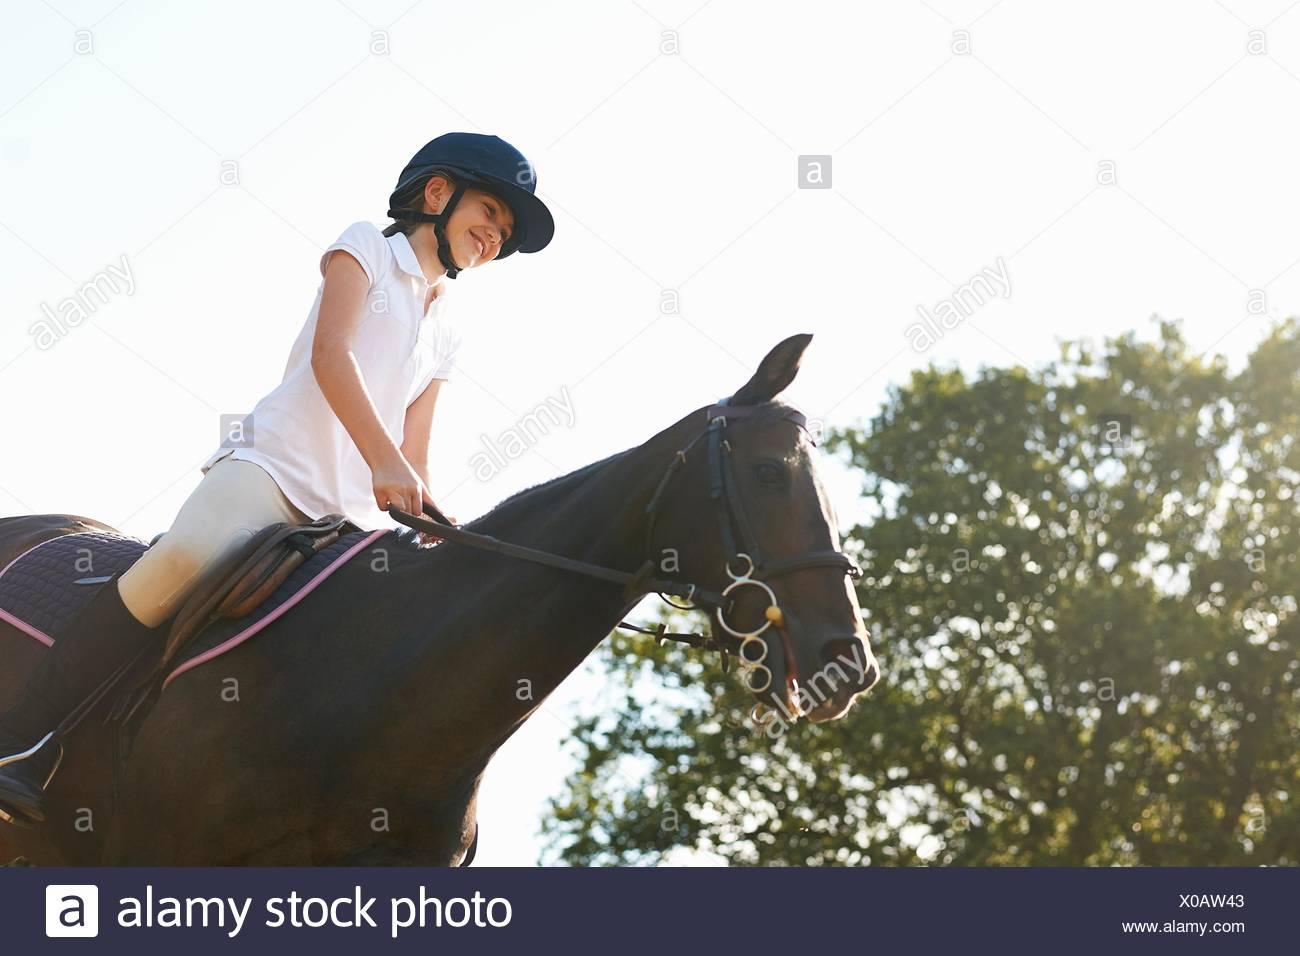 Basso angolo vista della ragazza di equitazione in campagna Immagini Stock